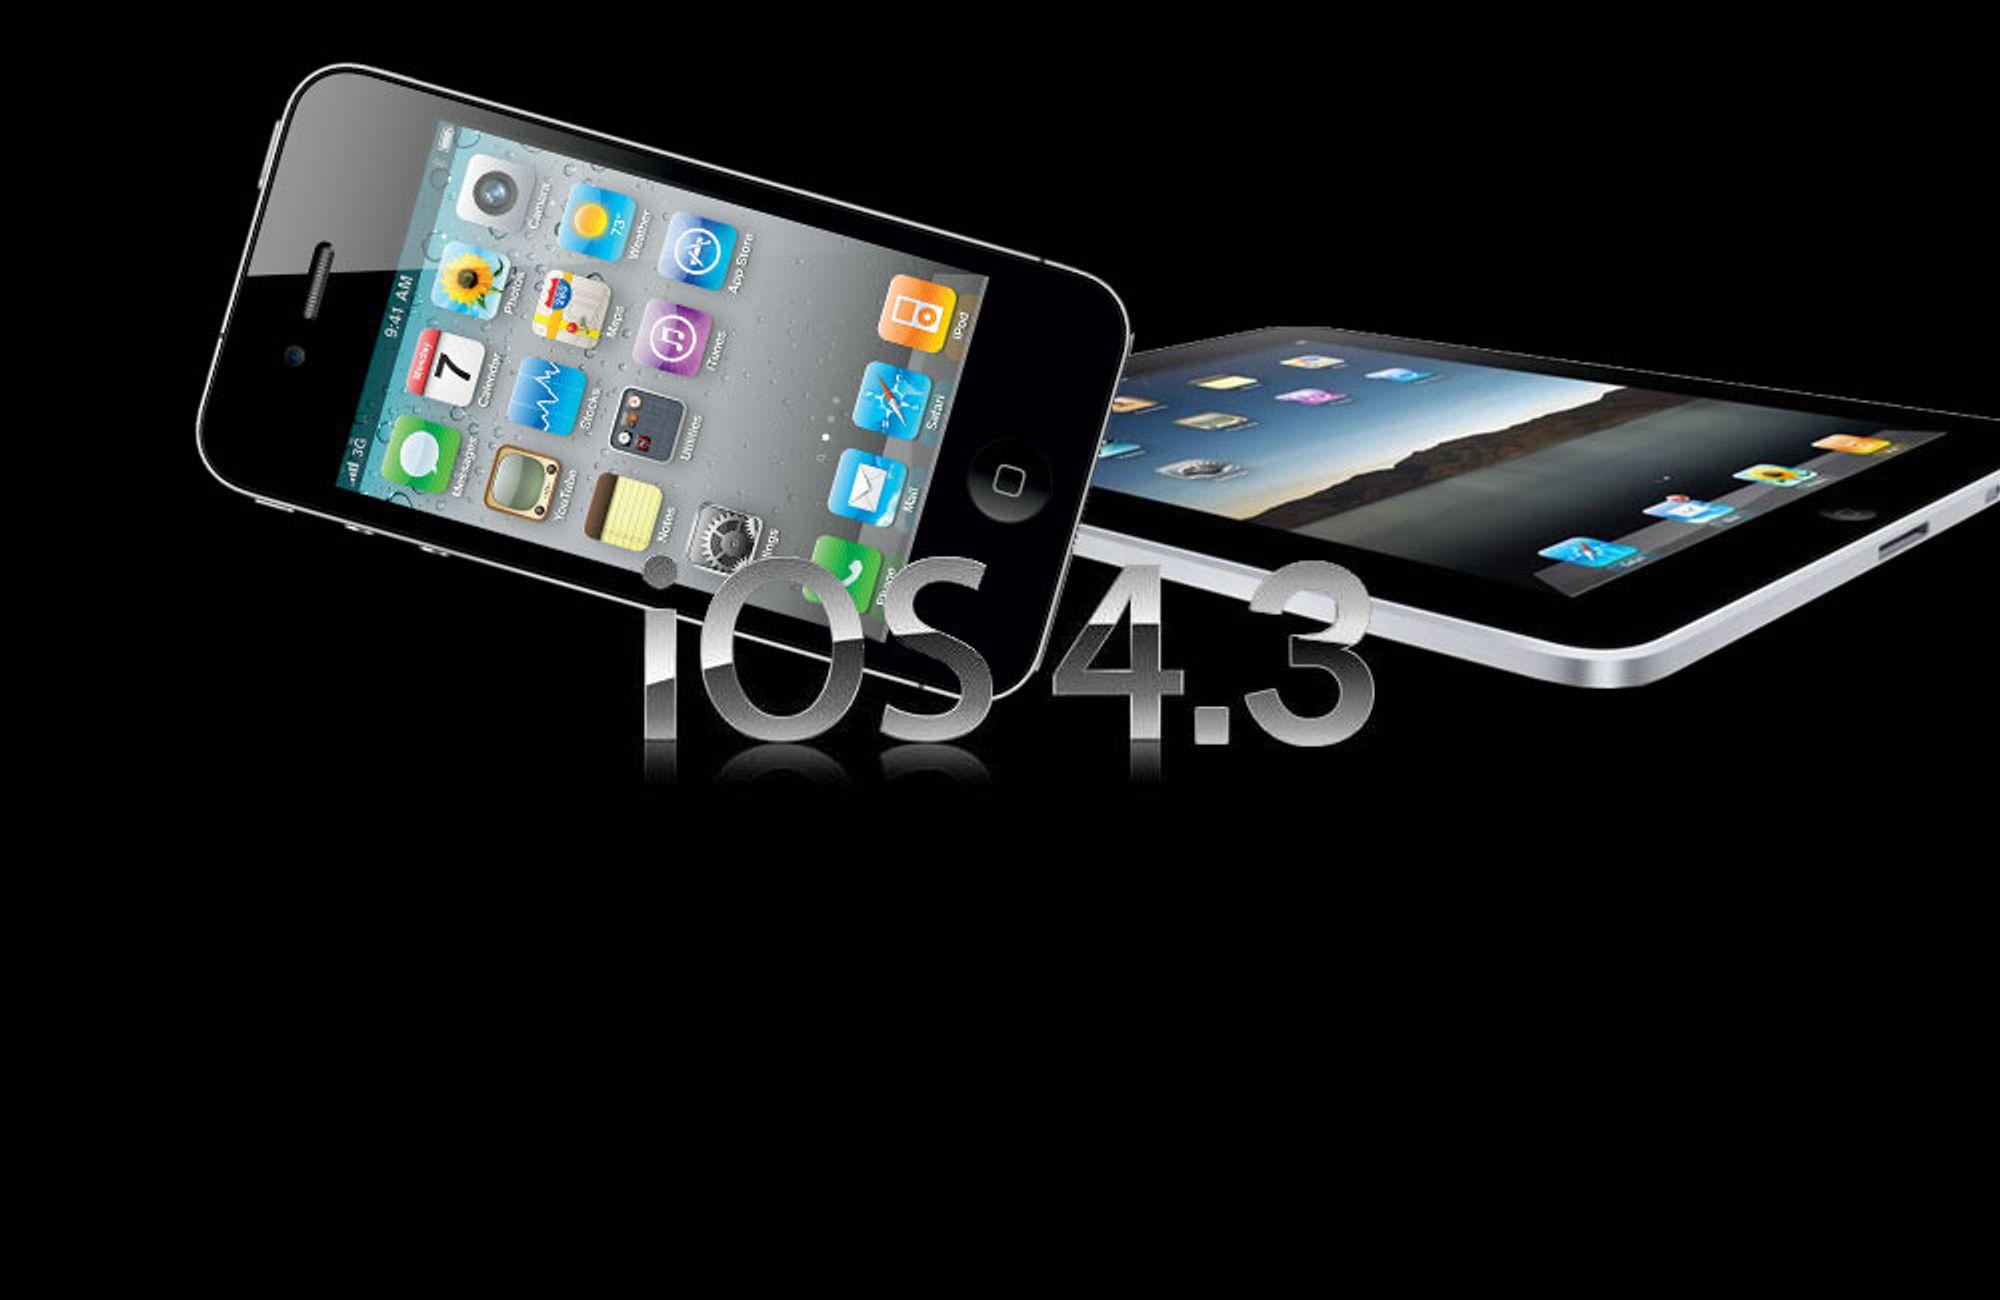 iOS 4.3 er klart